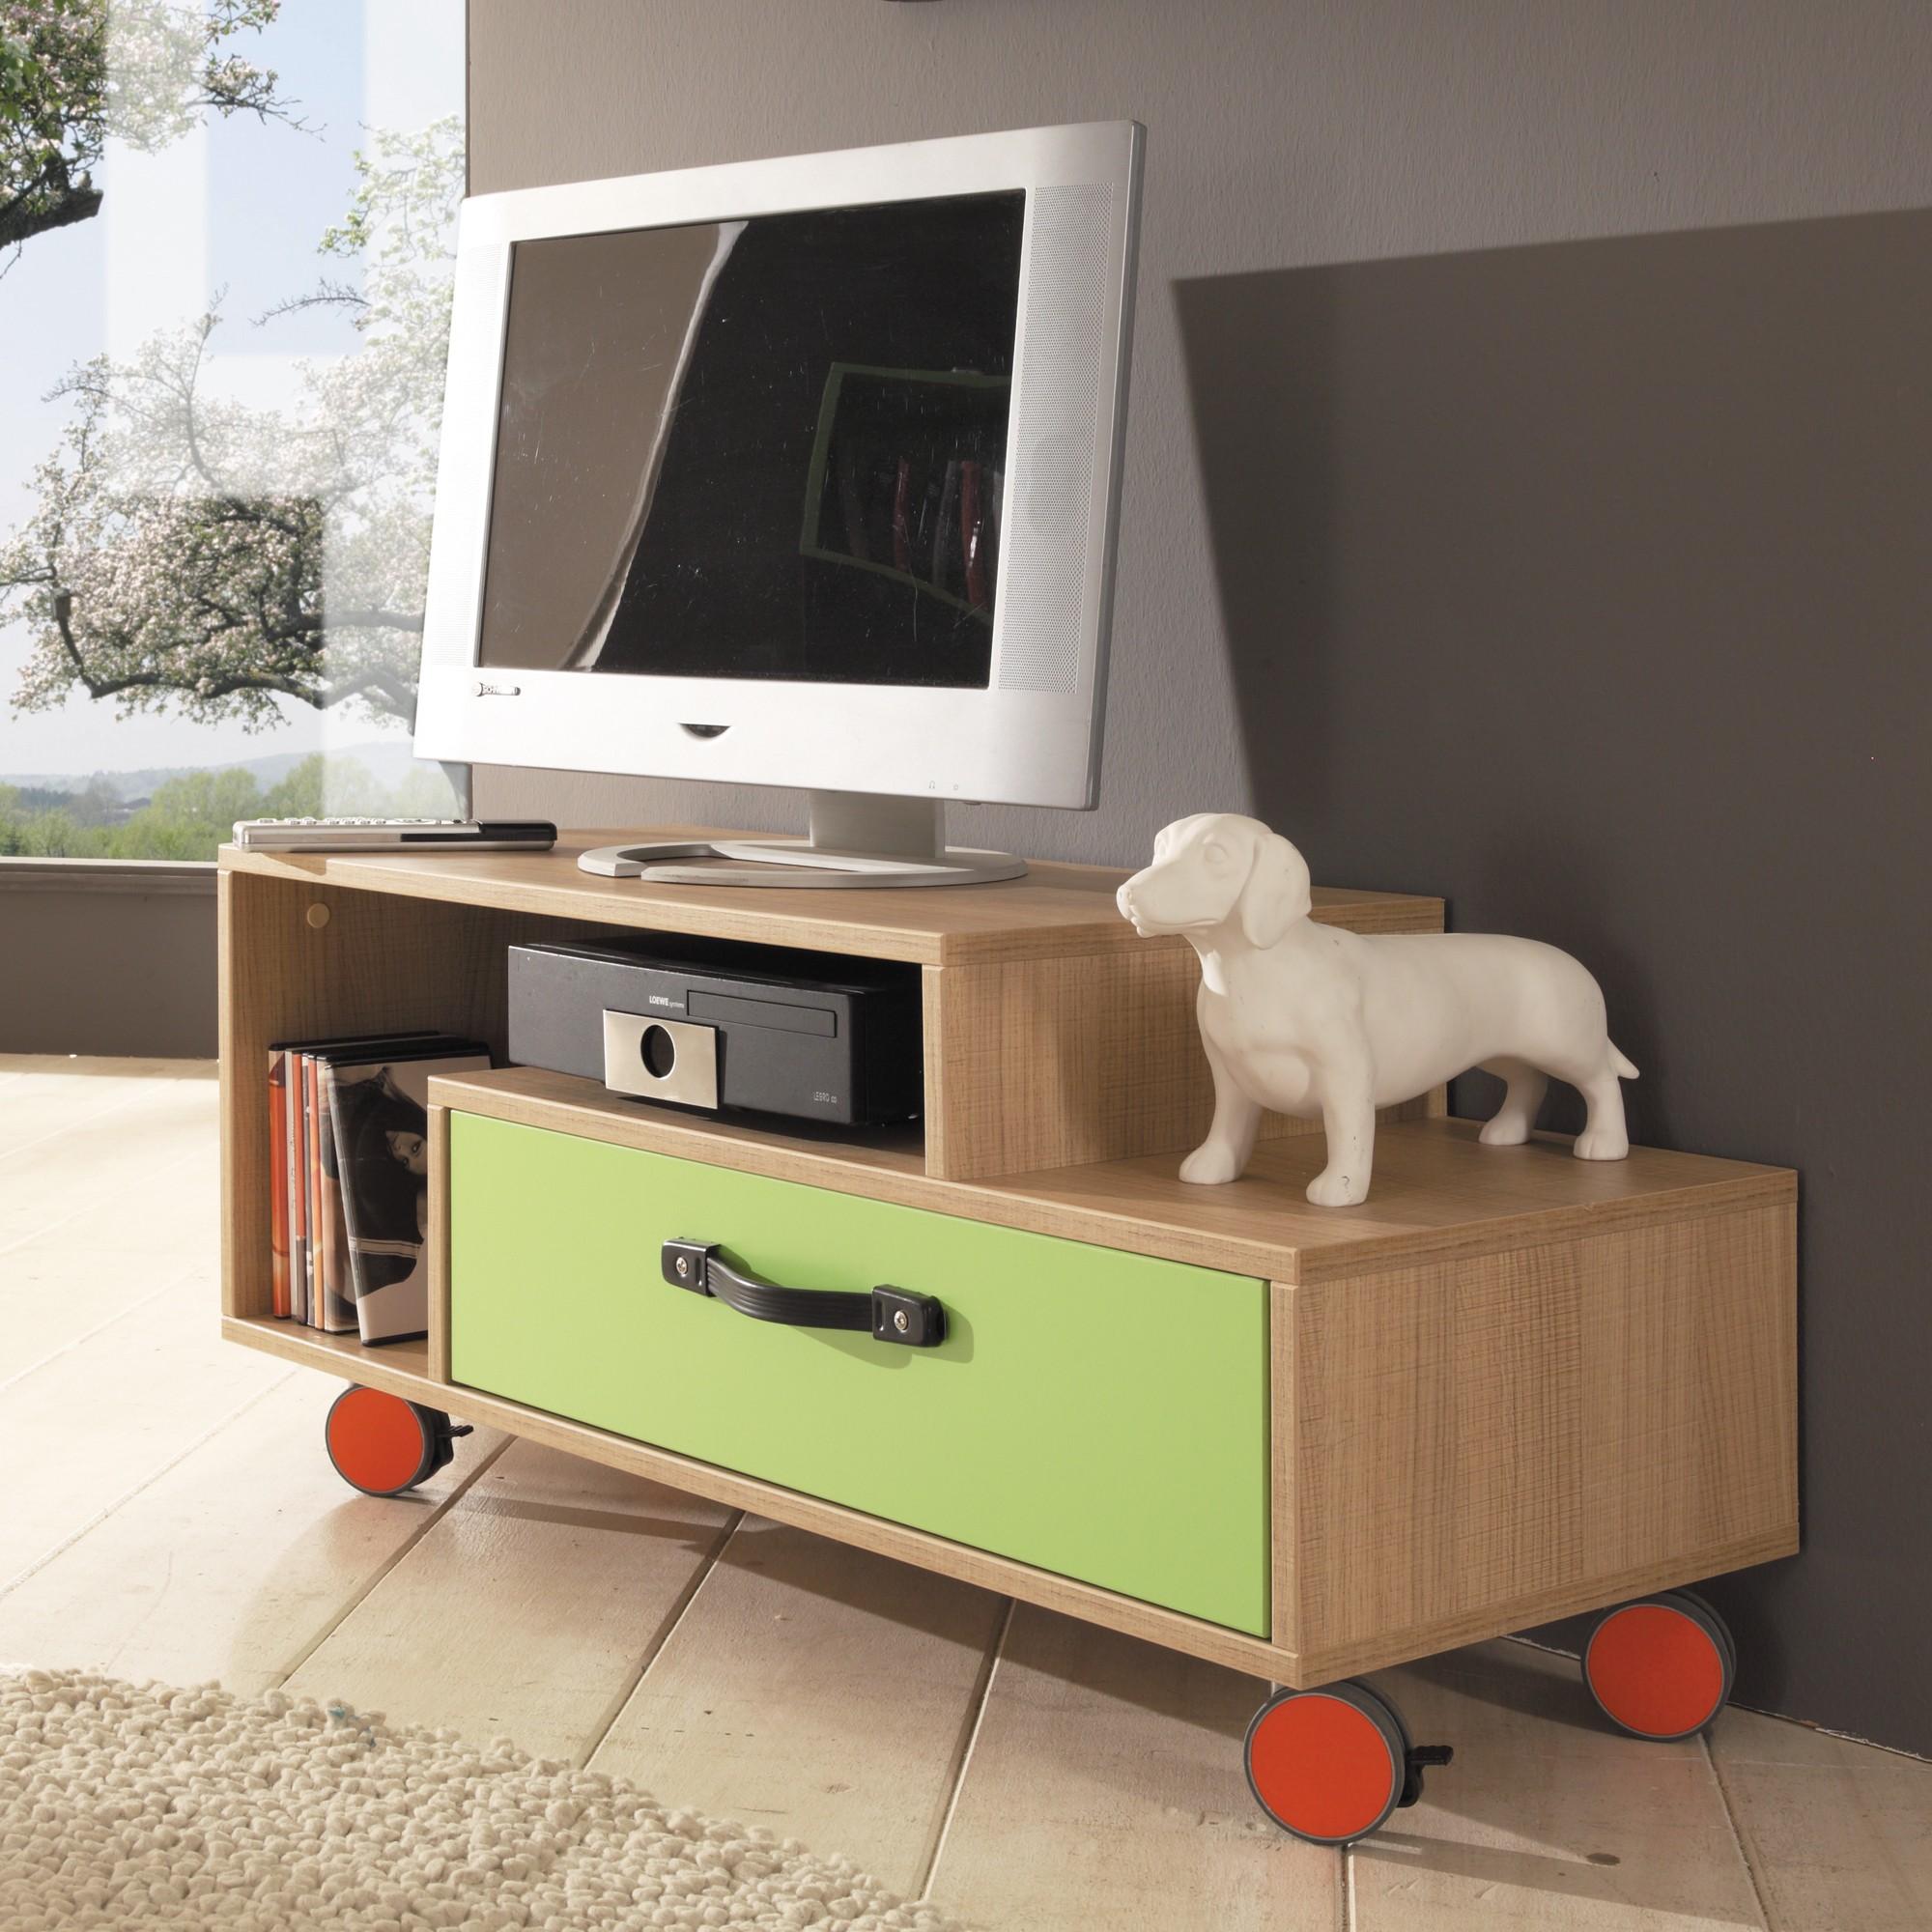 jugendzimmer gr n anthrazit hellbraun h c. Black Bedroom Furniture Sets. Home Design Ideas